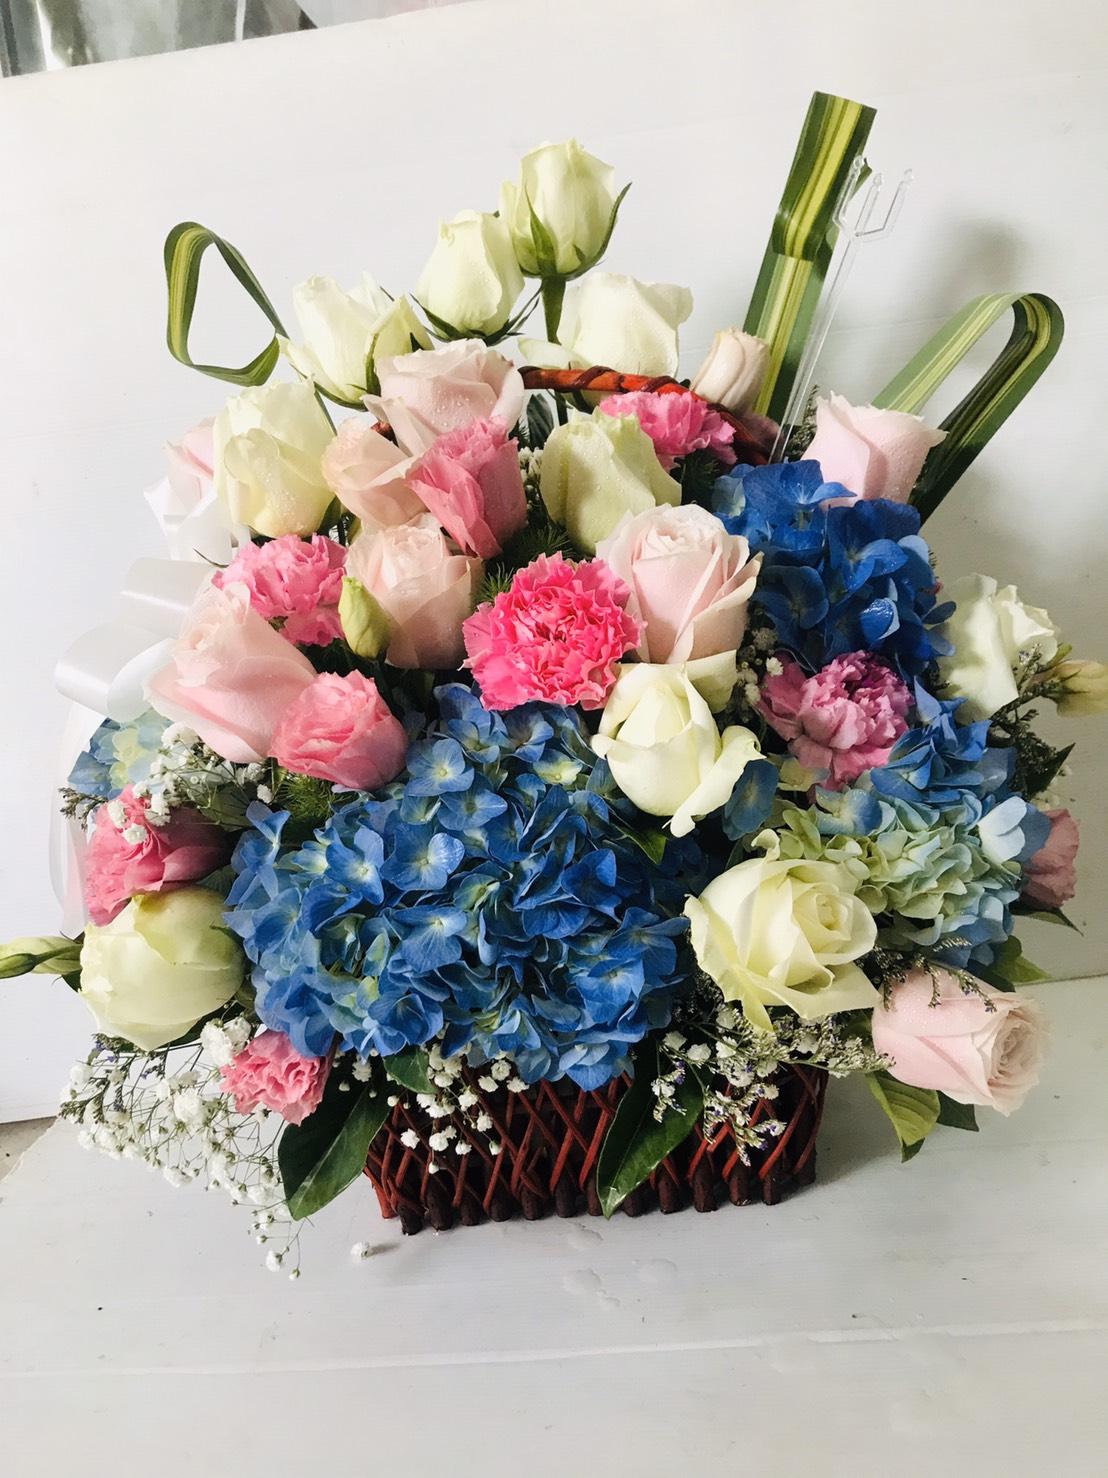 กระเช้าดอกไม้ที่ใคร ๆ ก็ชอบ มีทั้งดอกลิลลี่ กุหลาบ และไฮเดรนเยีย